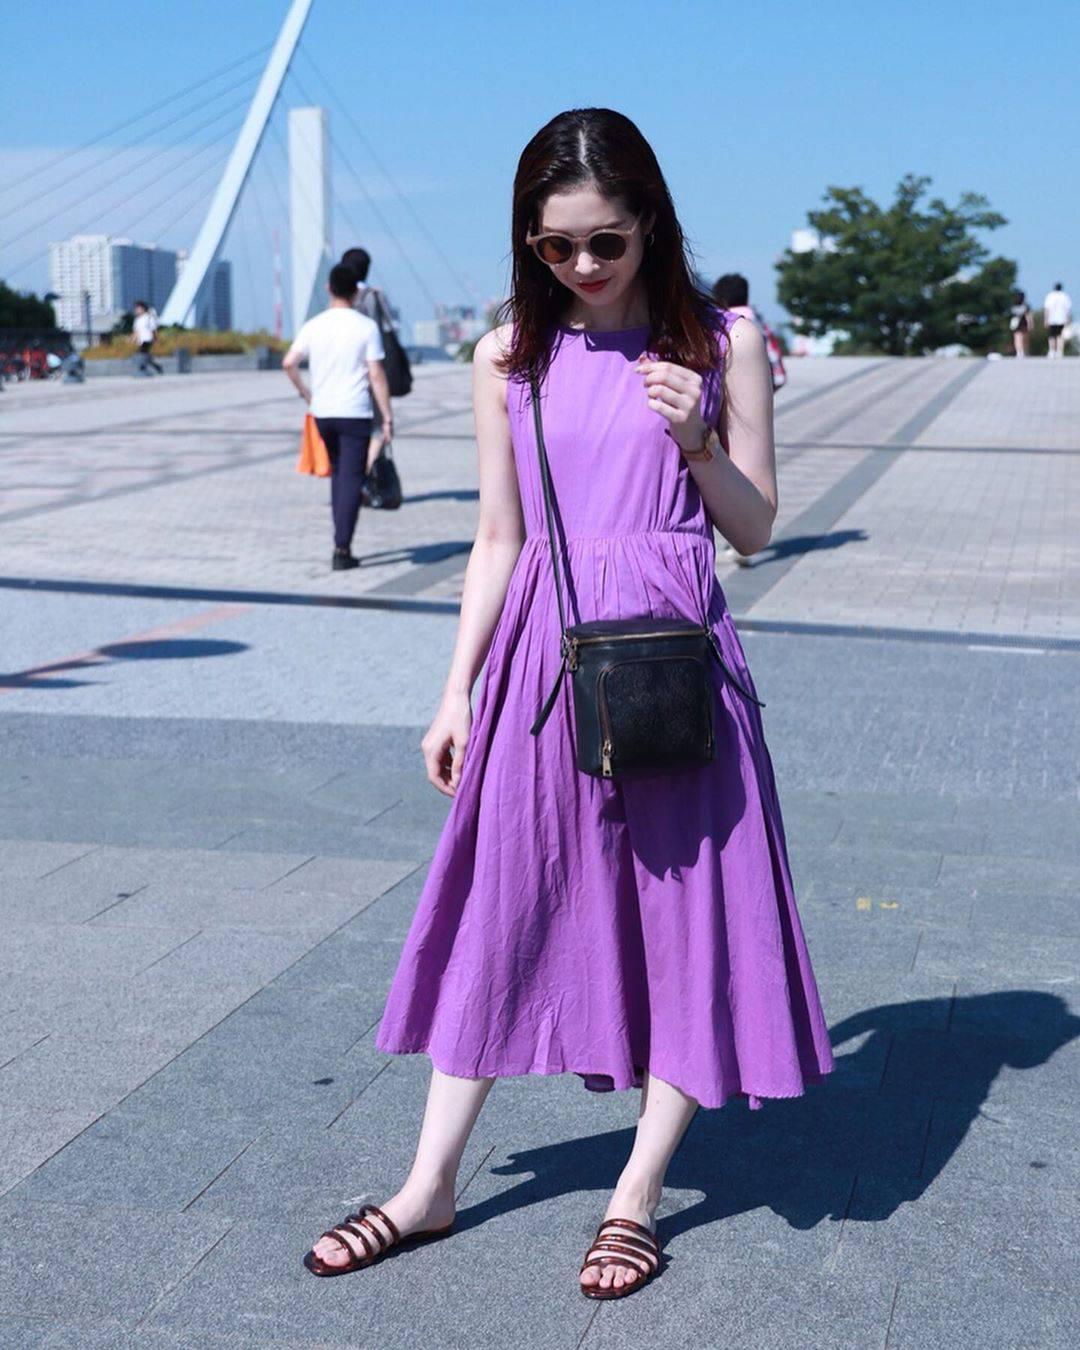 最高気温34度・最低気温25度 hikari_k0122の服装